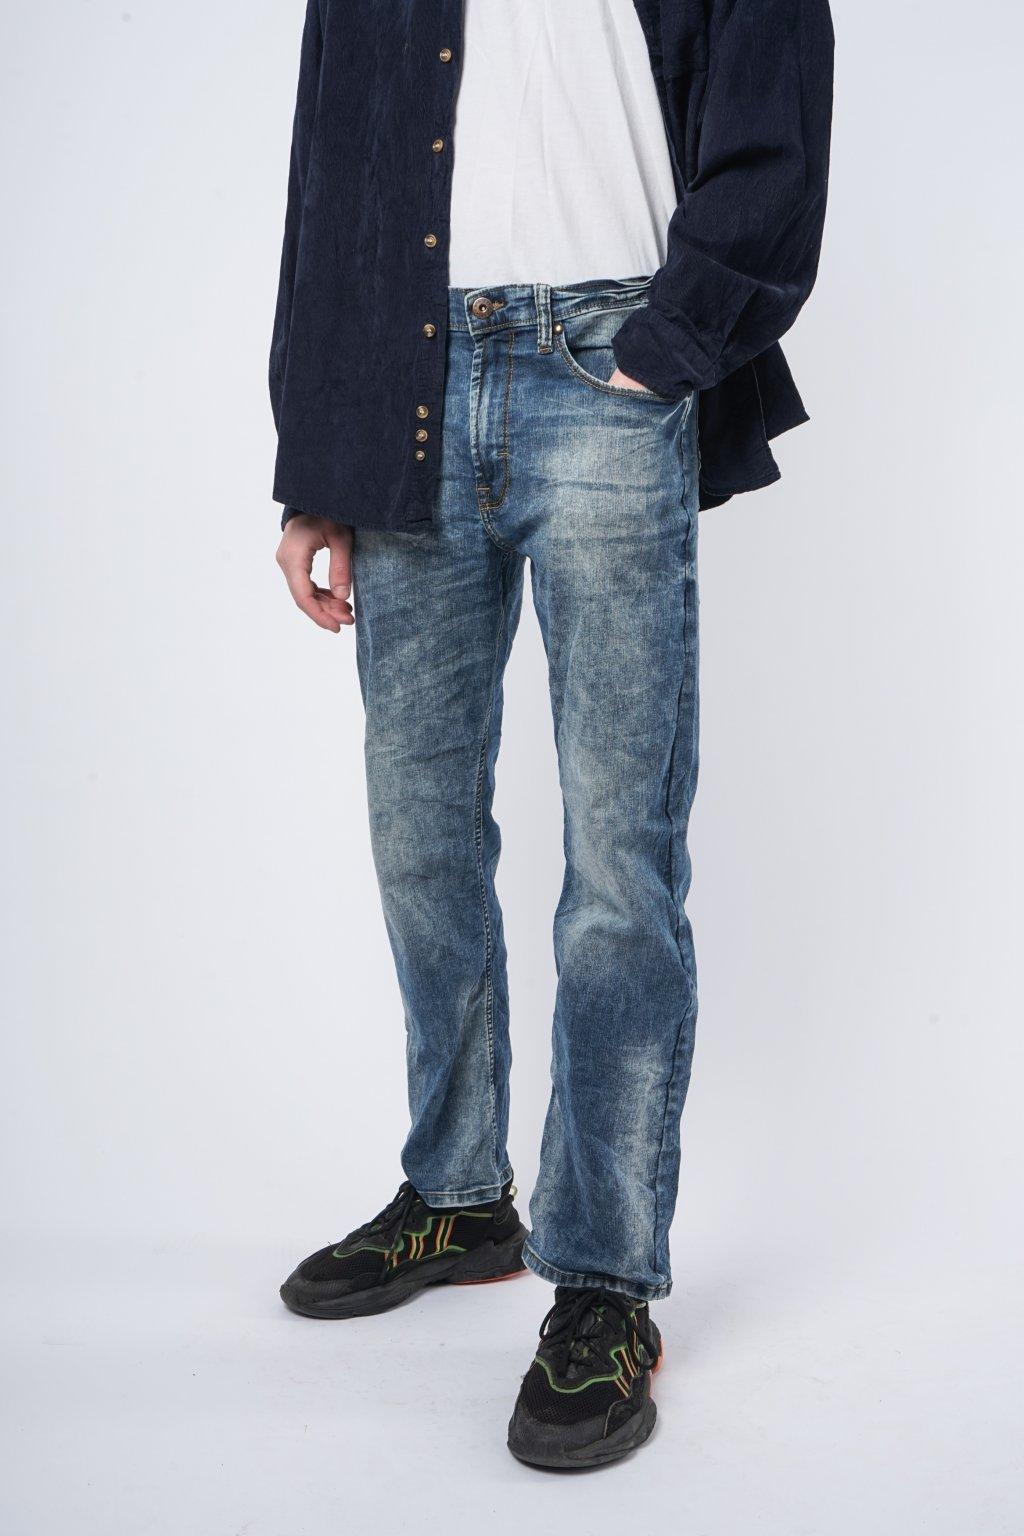 Wrangler džíny (33x30)